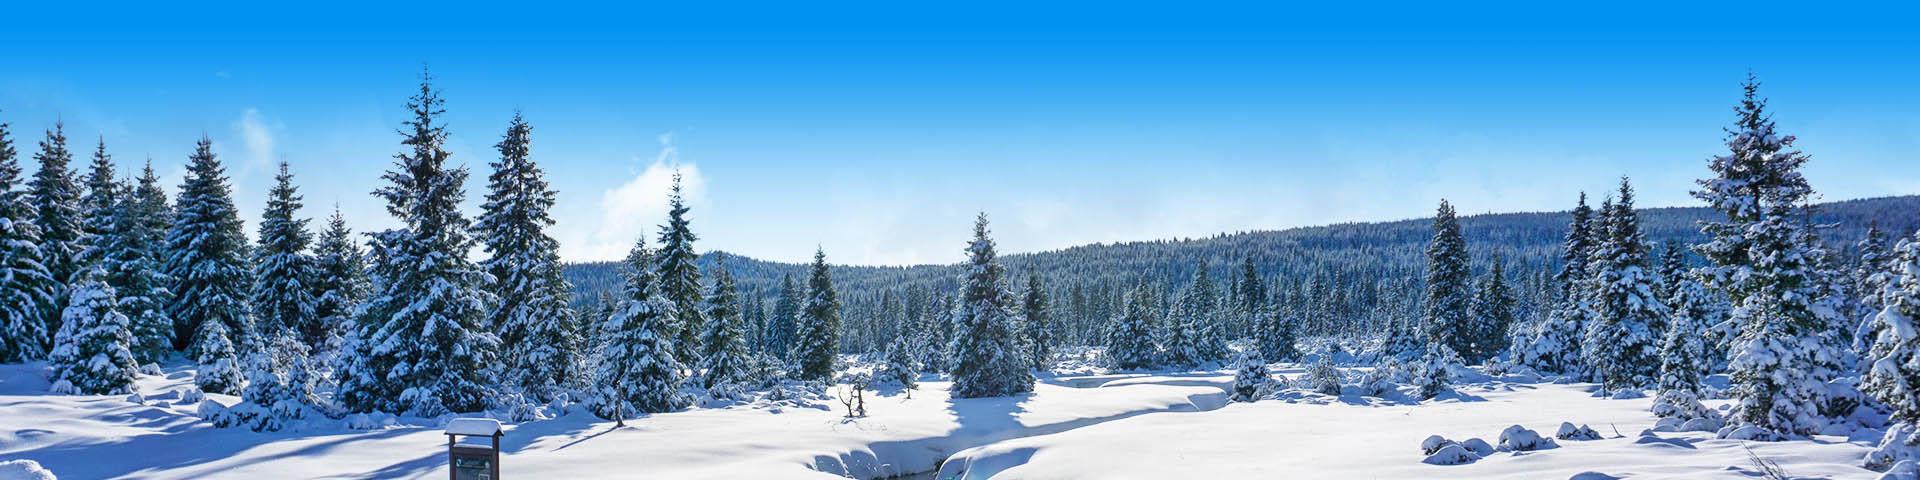 Prachtig besneeuwd landschap in Tsjechië